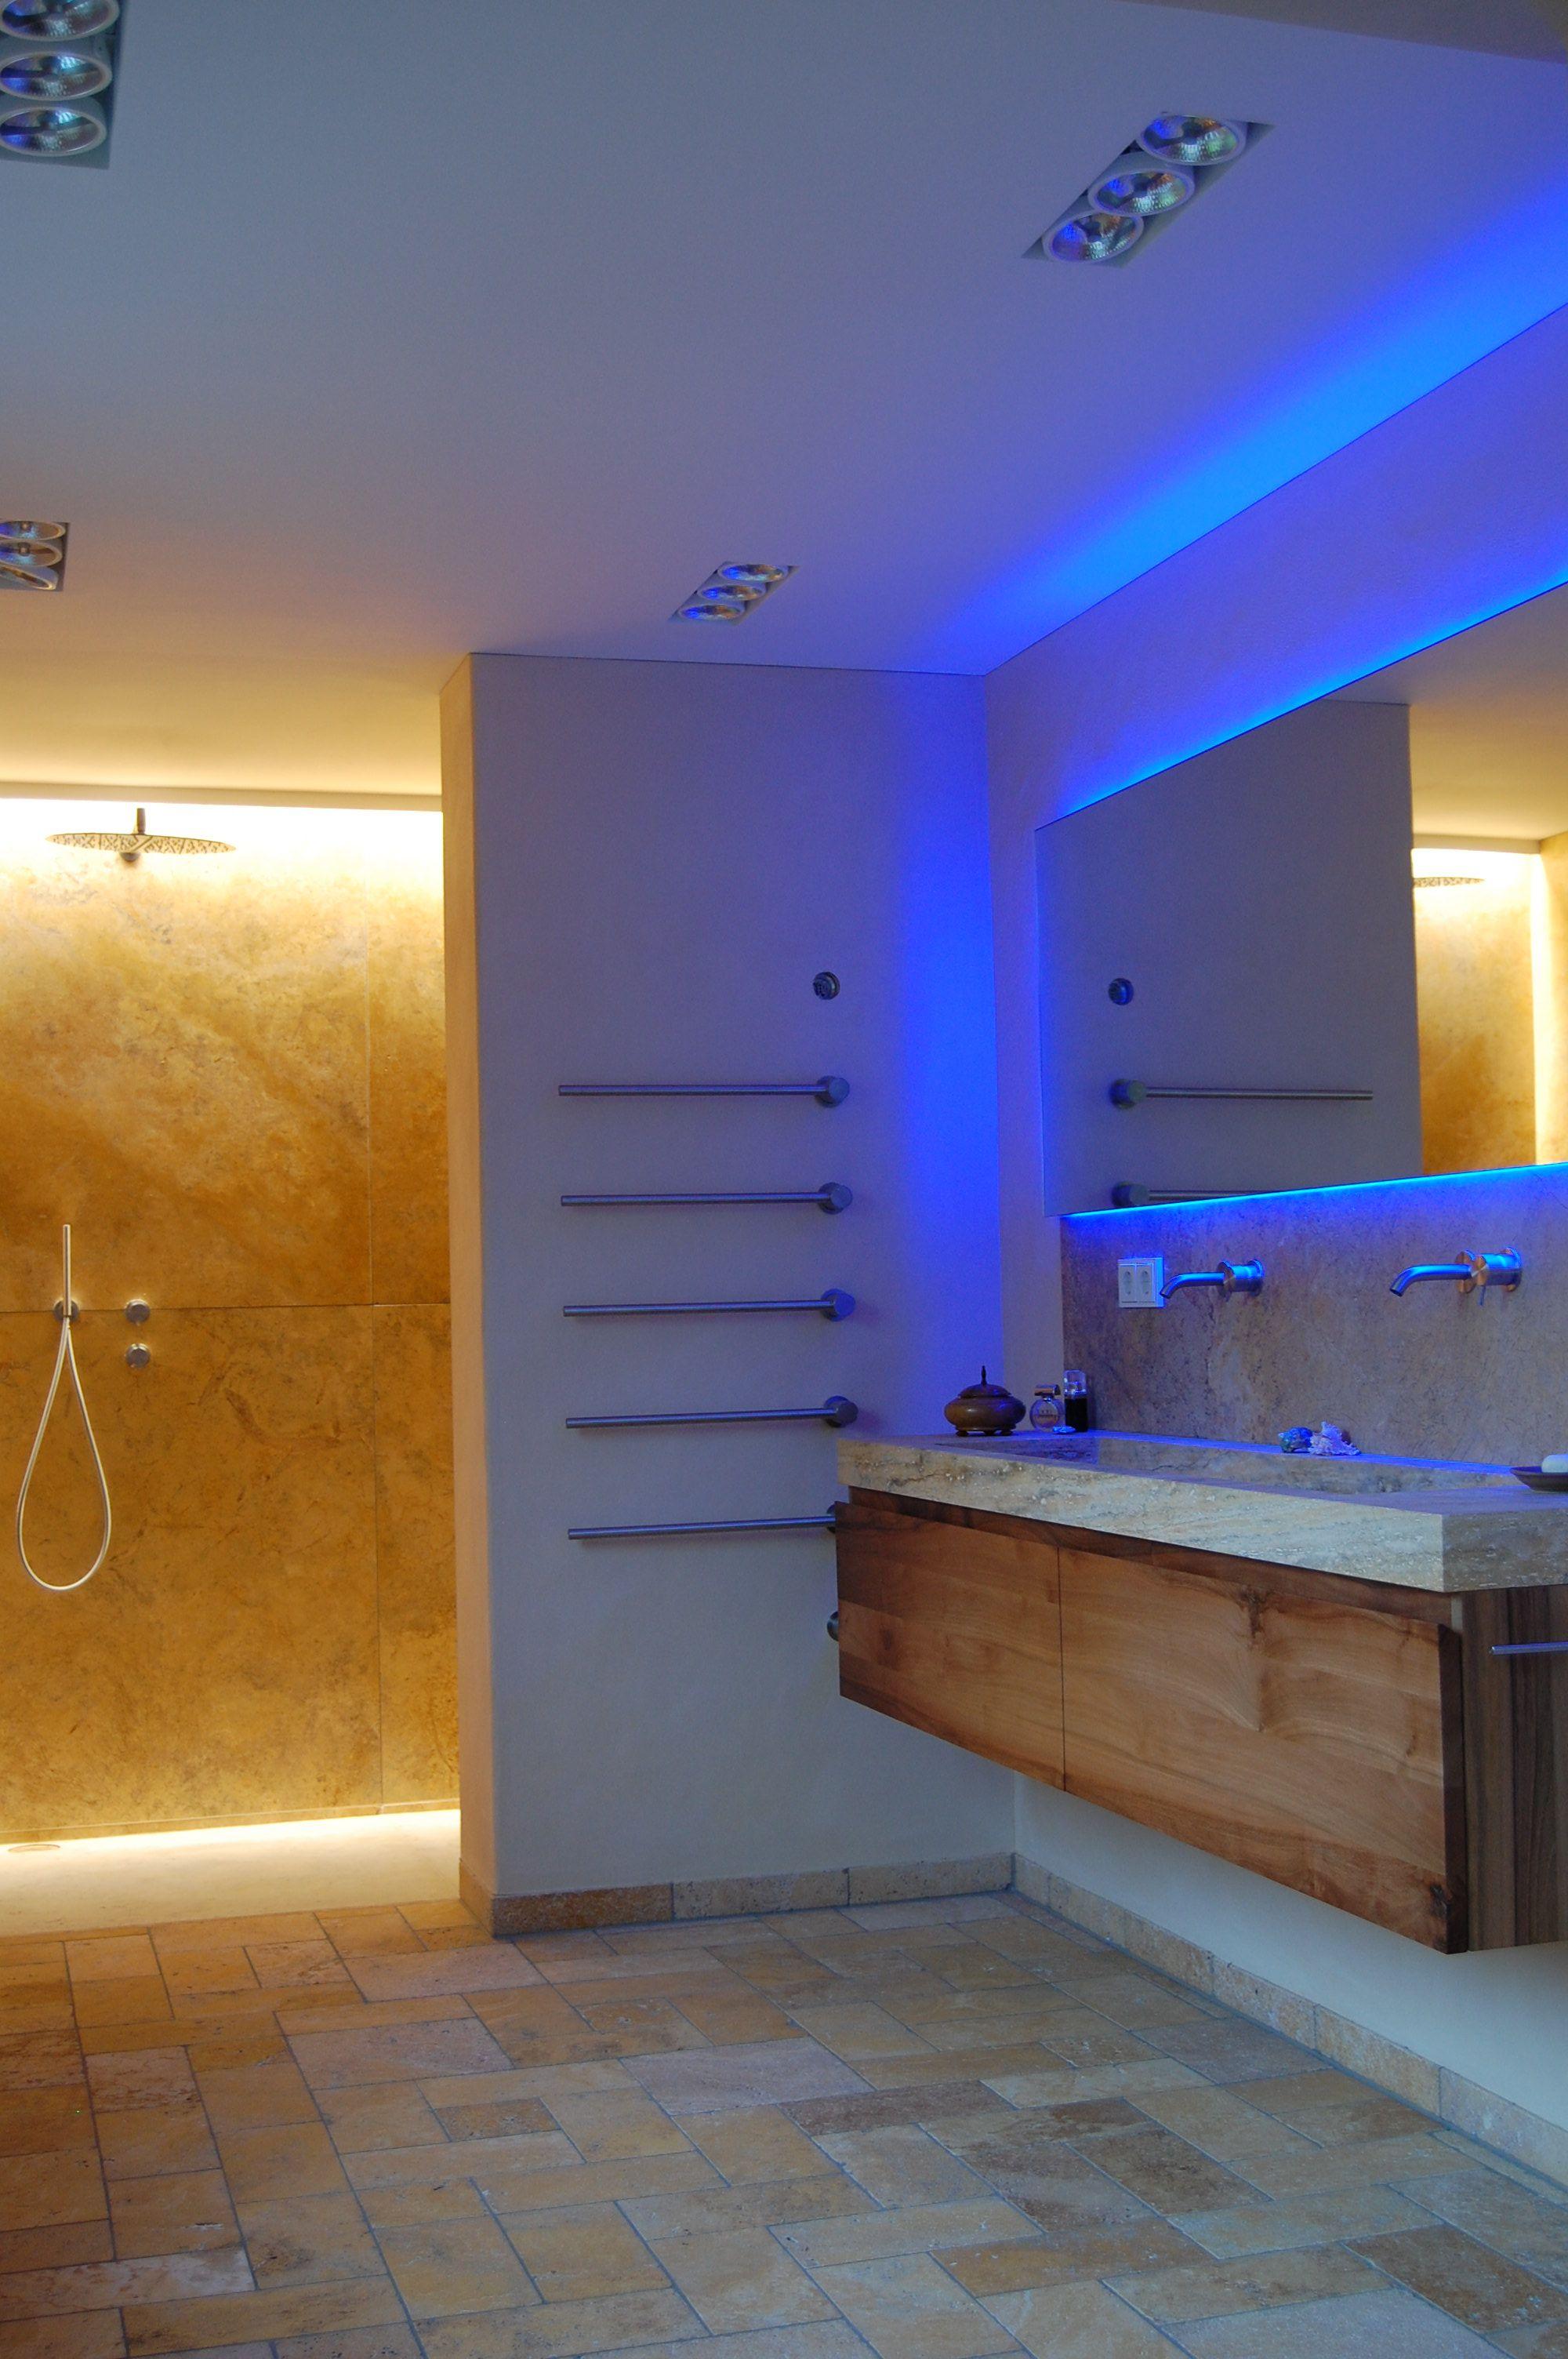 Bad in Travertin, Boden mit bodengleicher Dusche hinter der ...